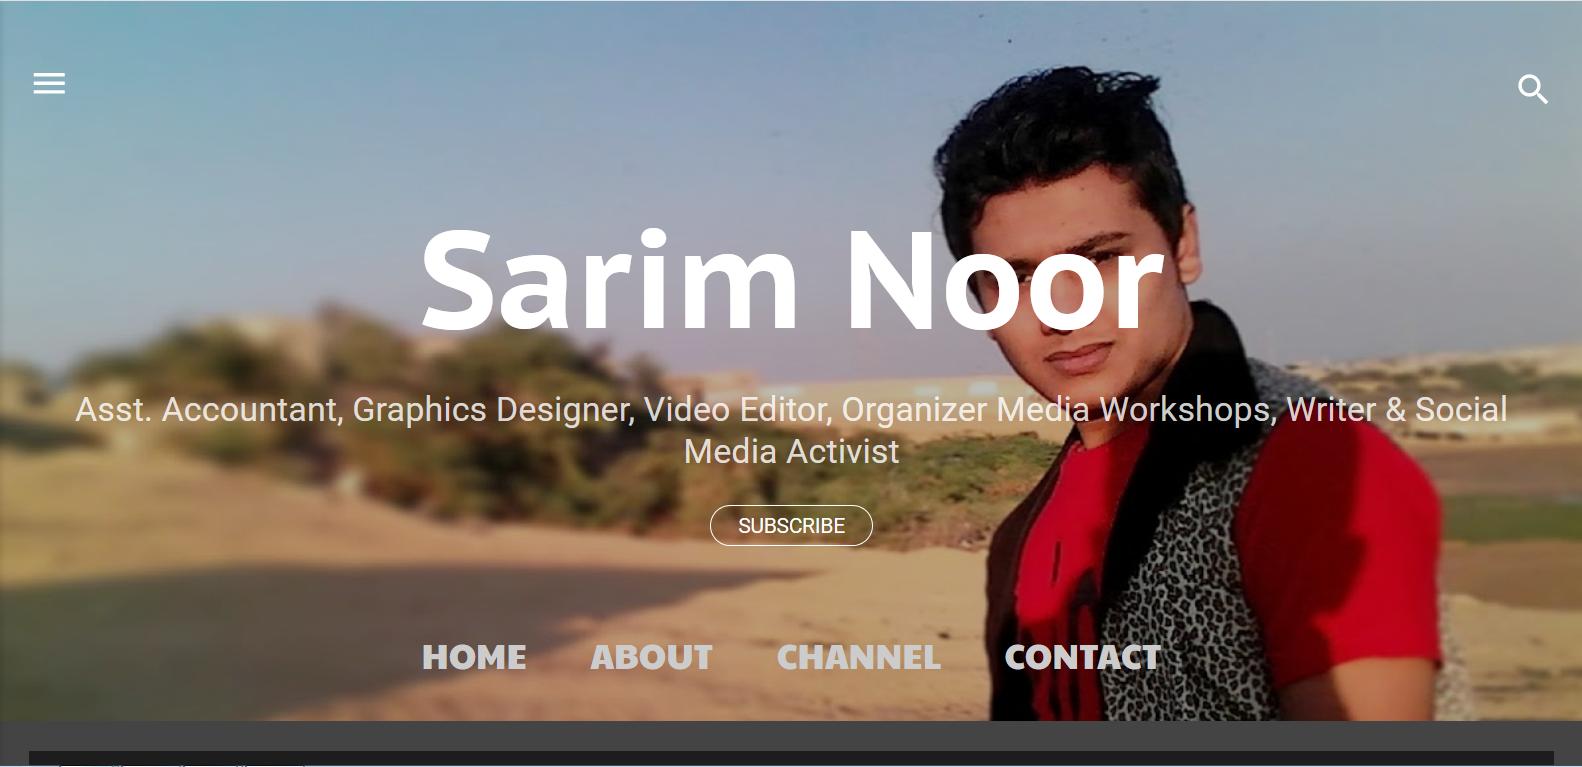 sarim noor official website